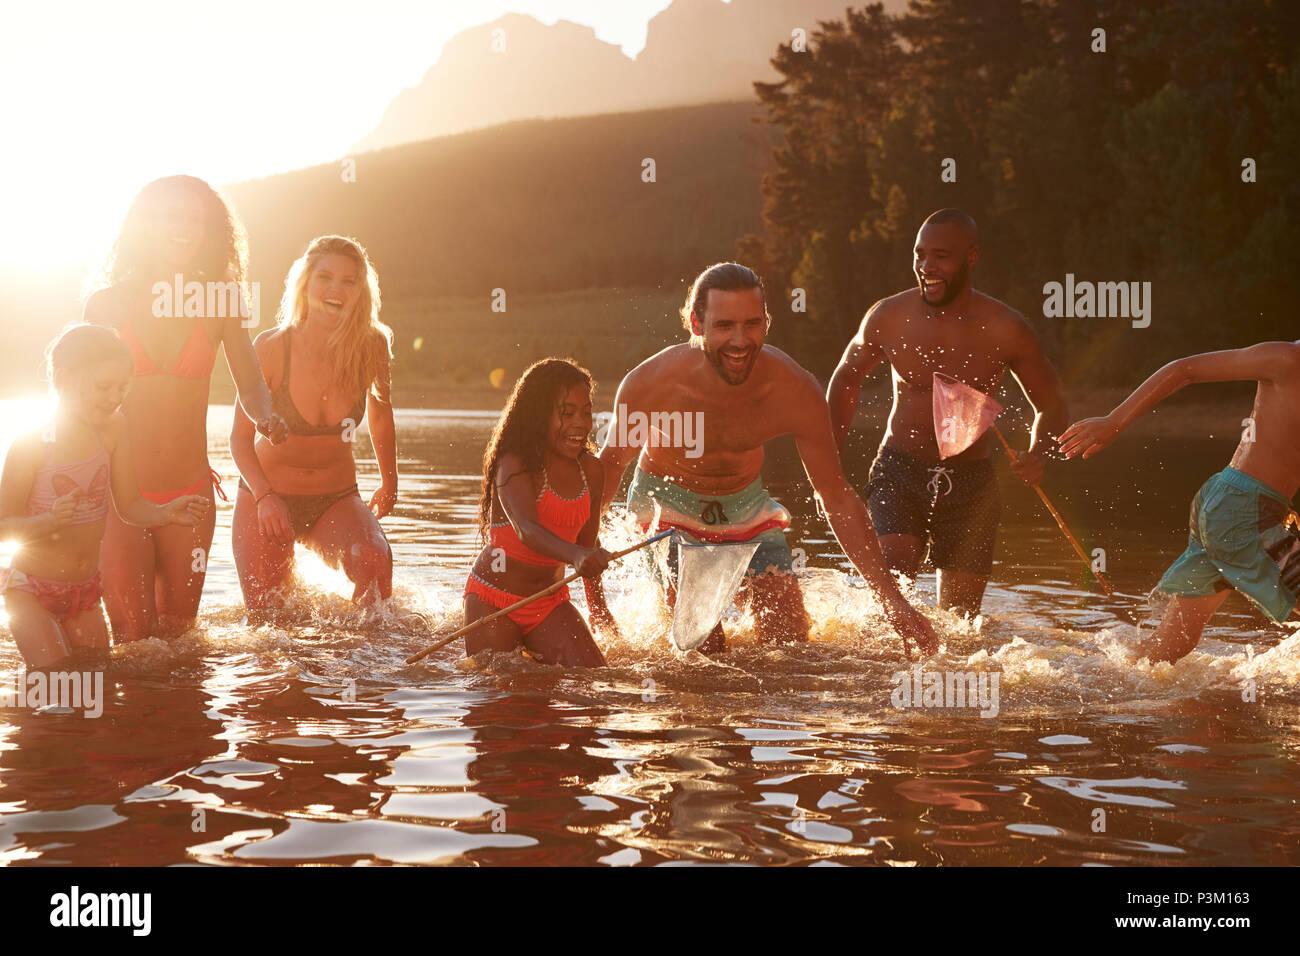 Familia con amigos, disfrutando de la noche nadar en el lago de la Campiña Imagen De Stock